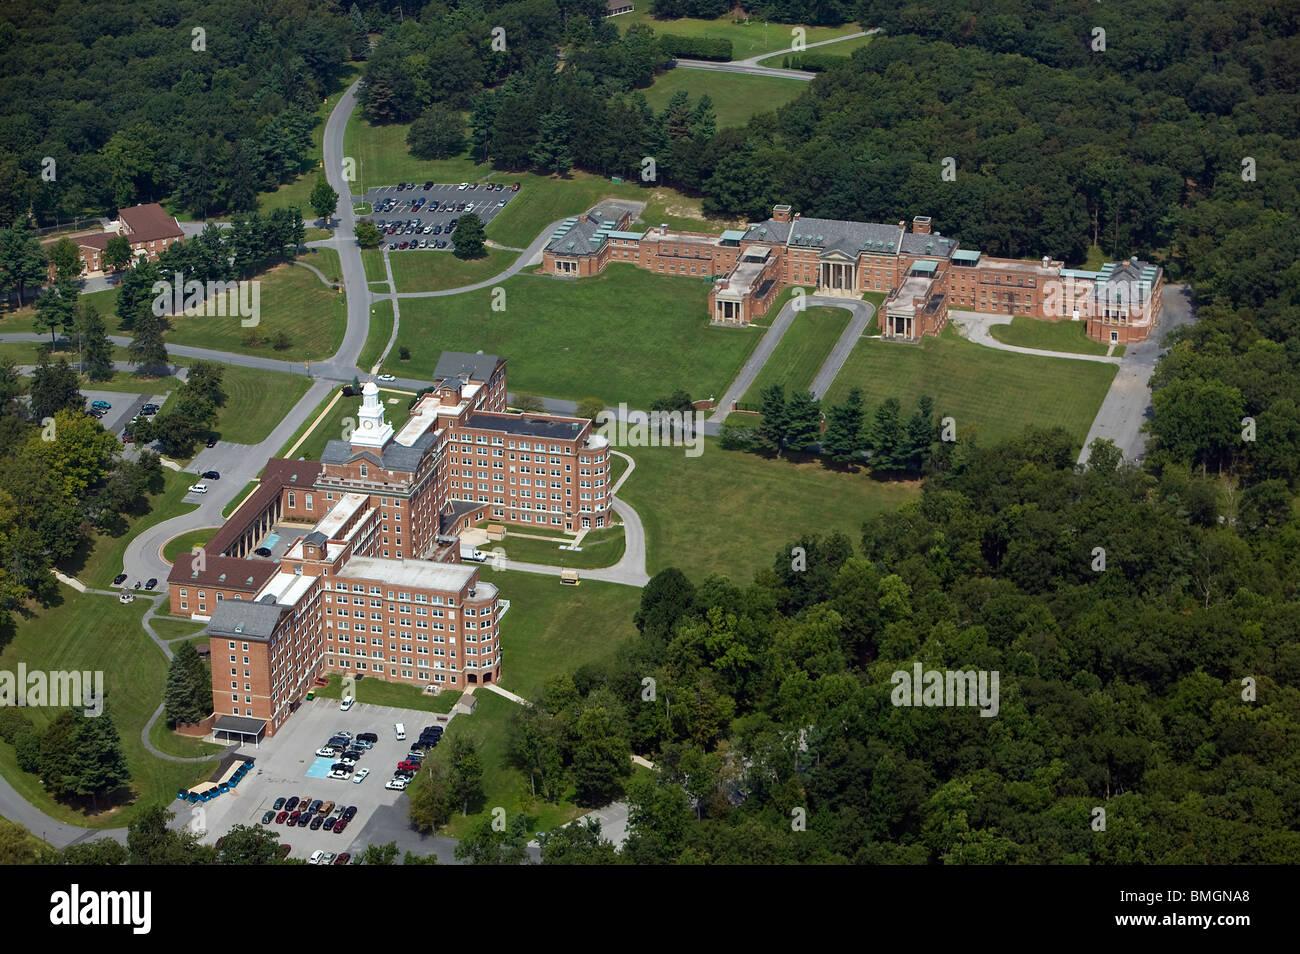 Fotografía aérea de grandes edificios de ladrillo institucional rural de Pensilvania Imagen De Stock